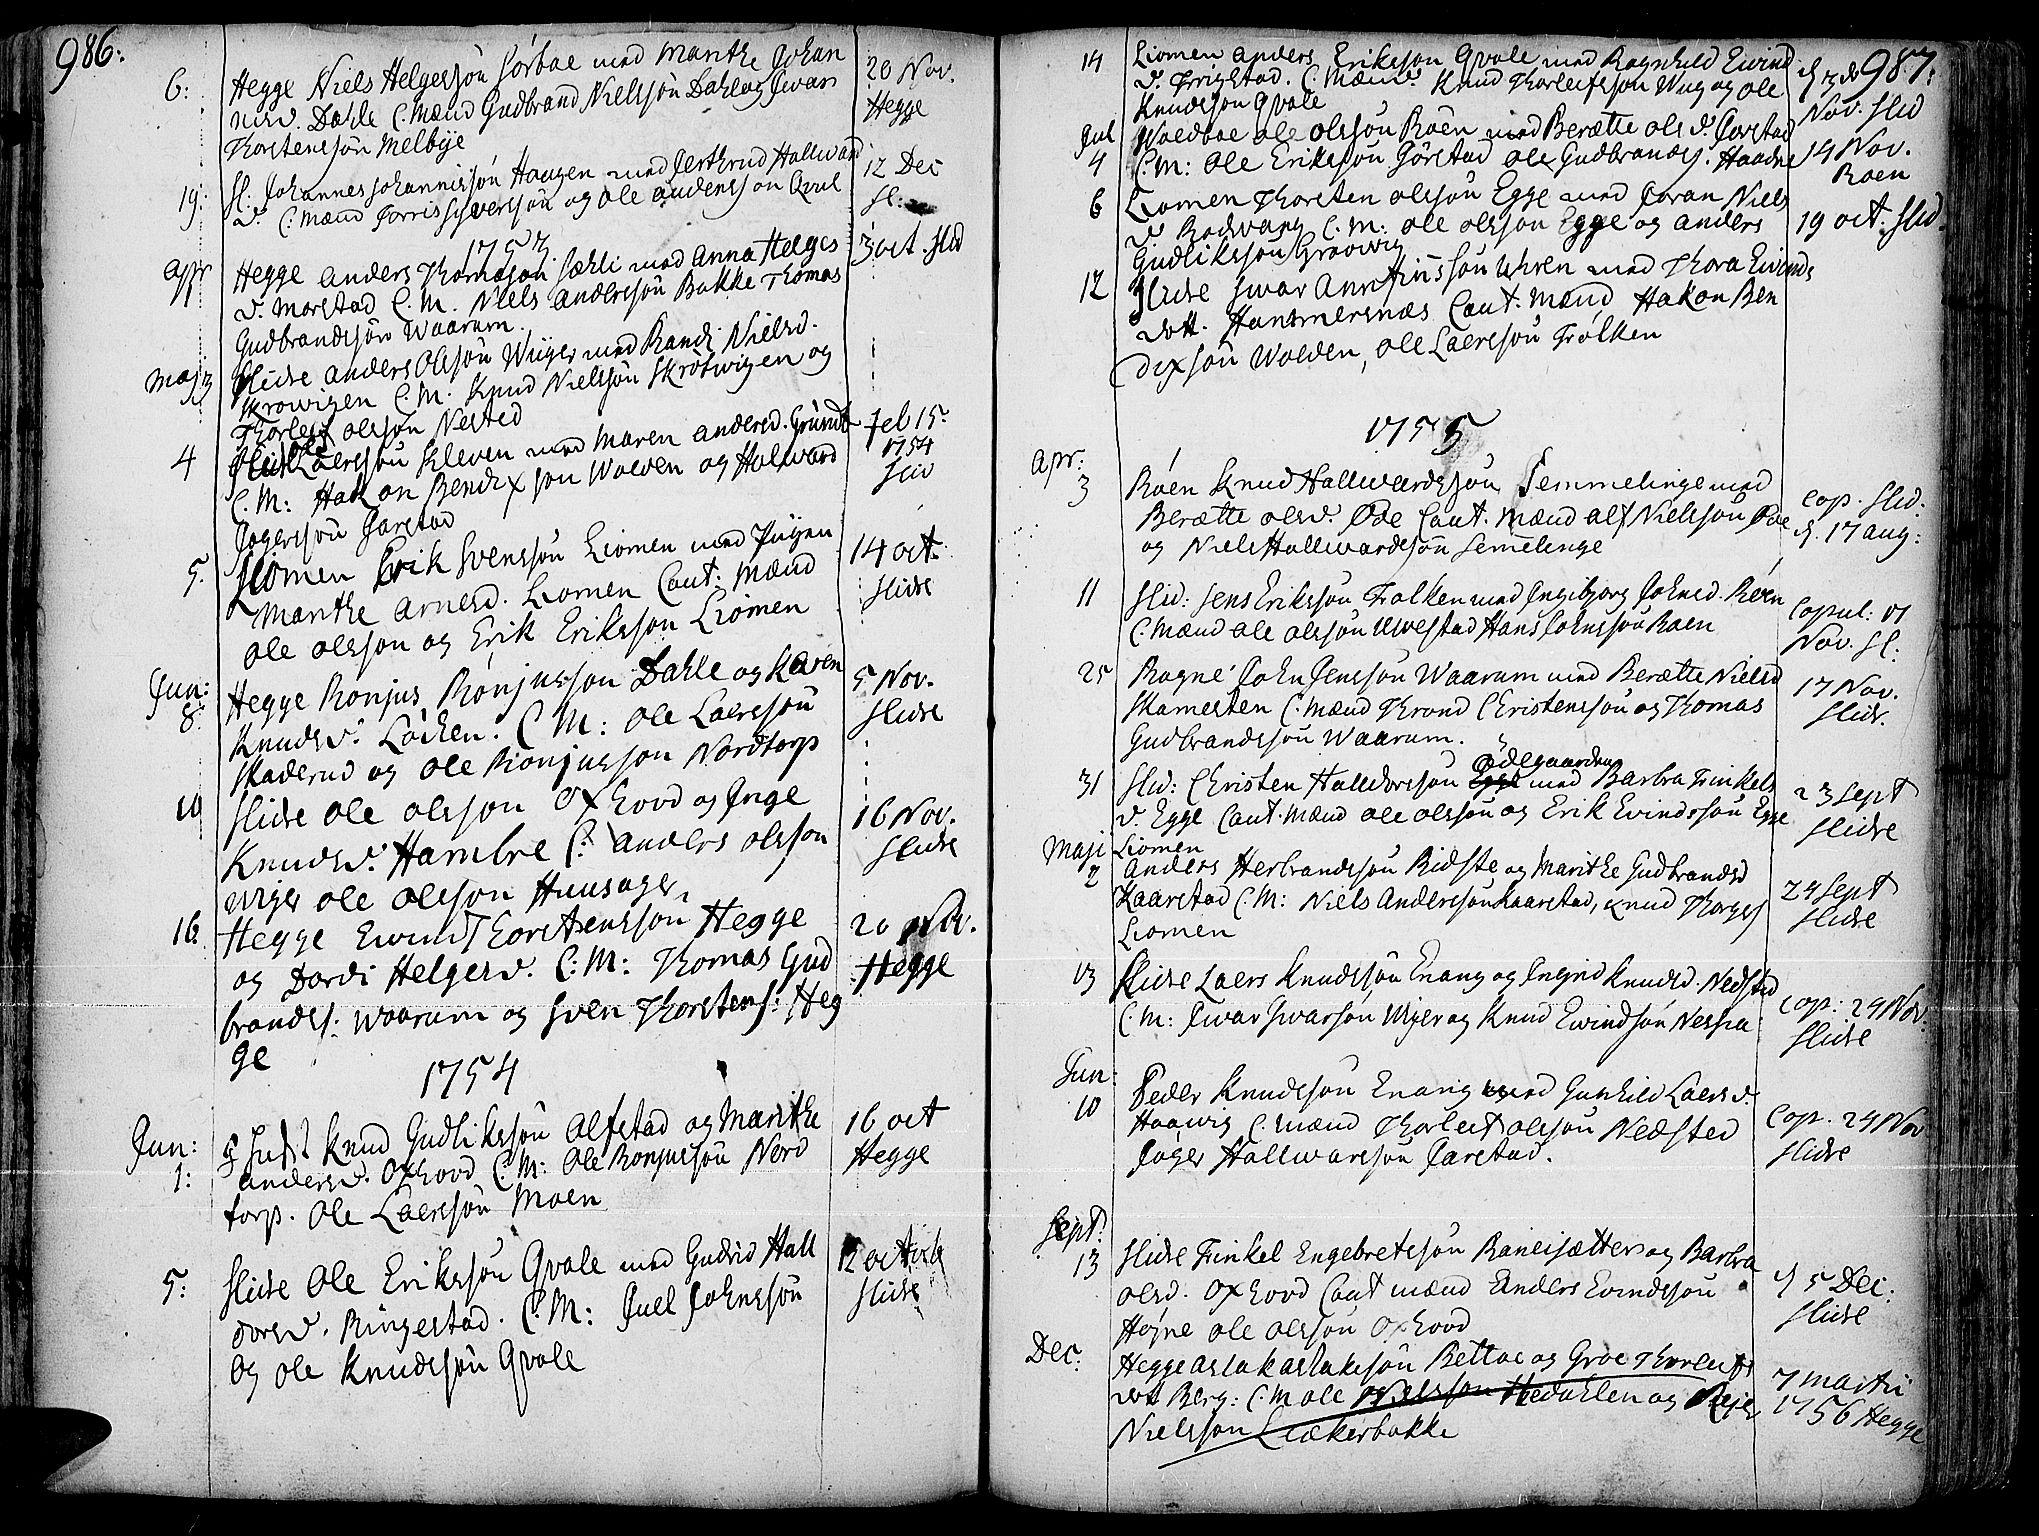 SAH, Slidre prestekontor, Ministerialbok nr. 1, 1724-1814, s. 986-987